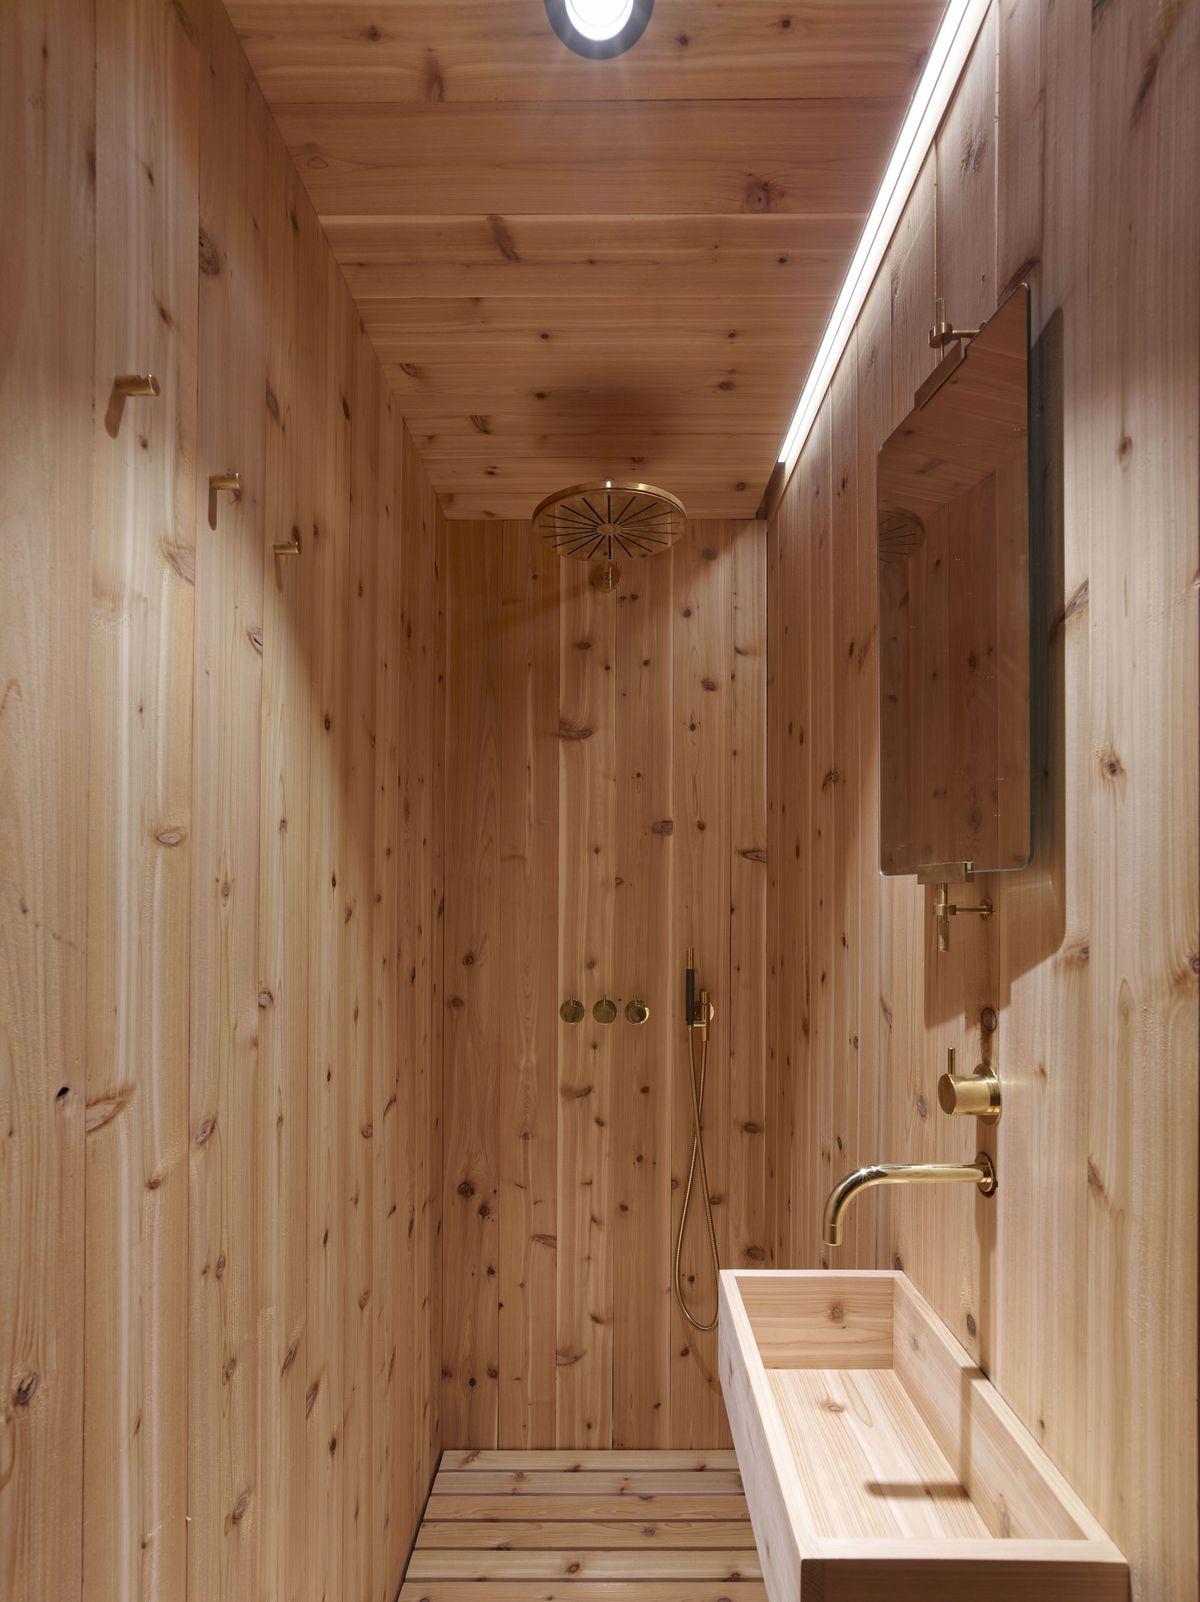 Cedar wood bathroom